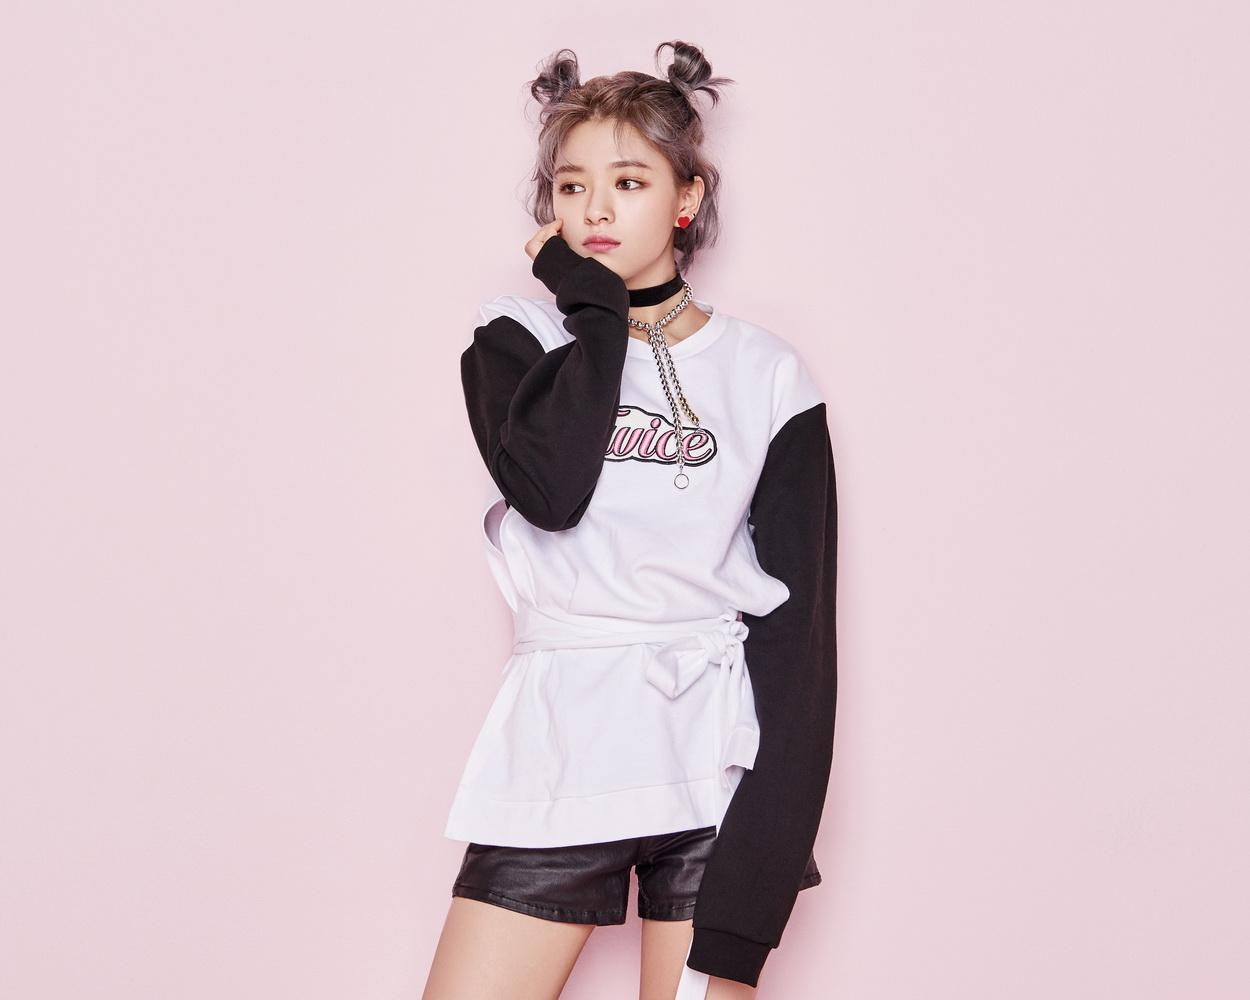 TWICE (3) – จองยอน (Jungyeon ชาวเกาหลี)